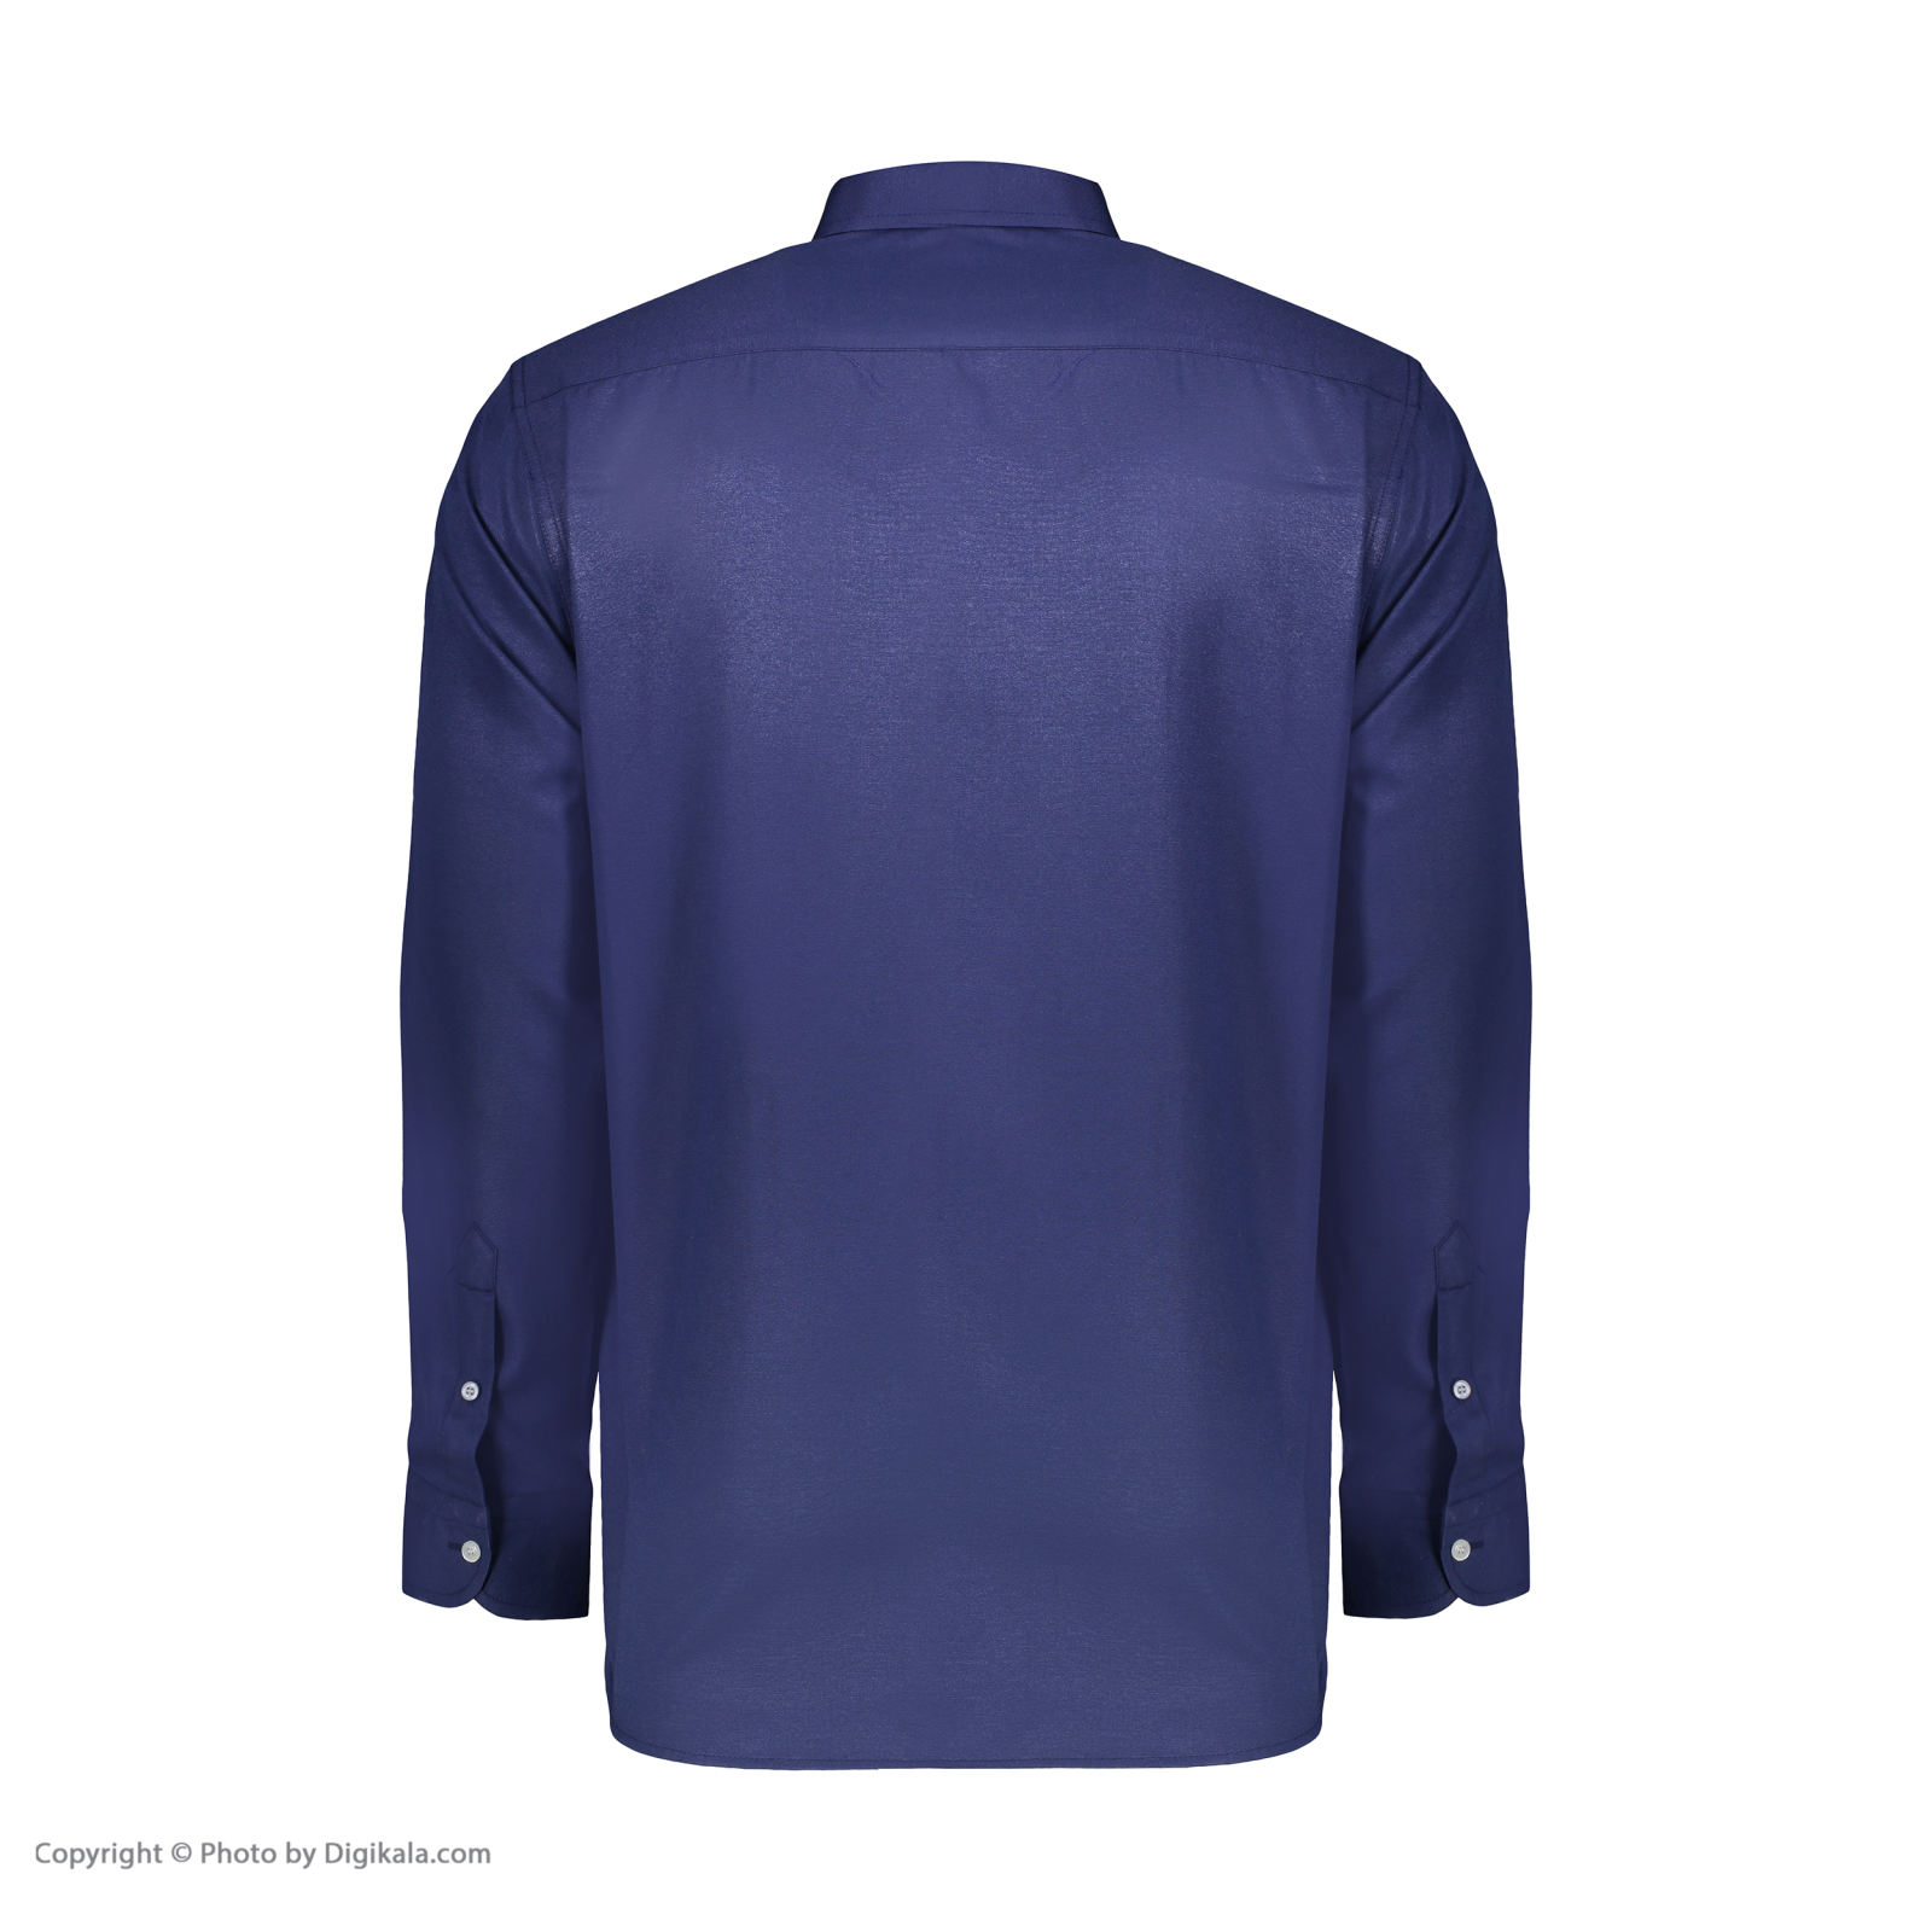 پیراهن مردانه زی مدل 153118659LG -  - 4